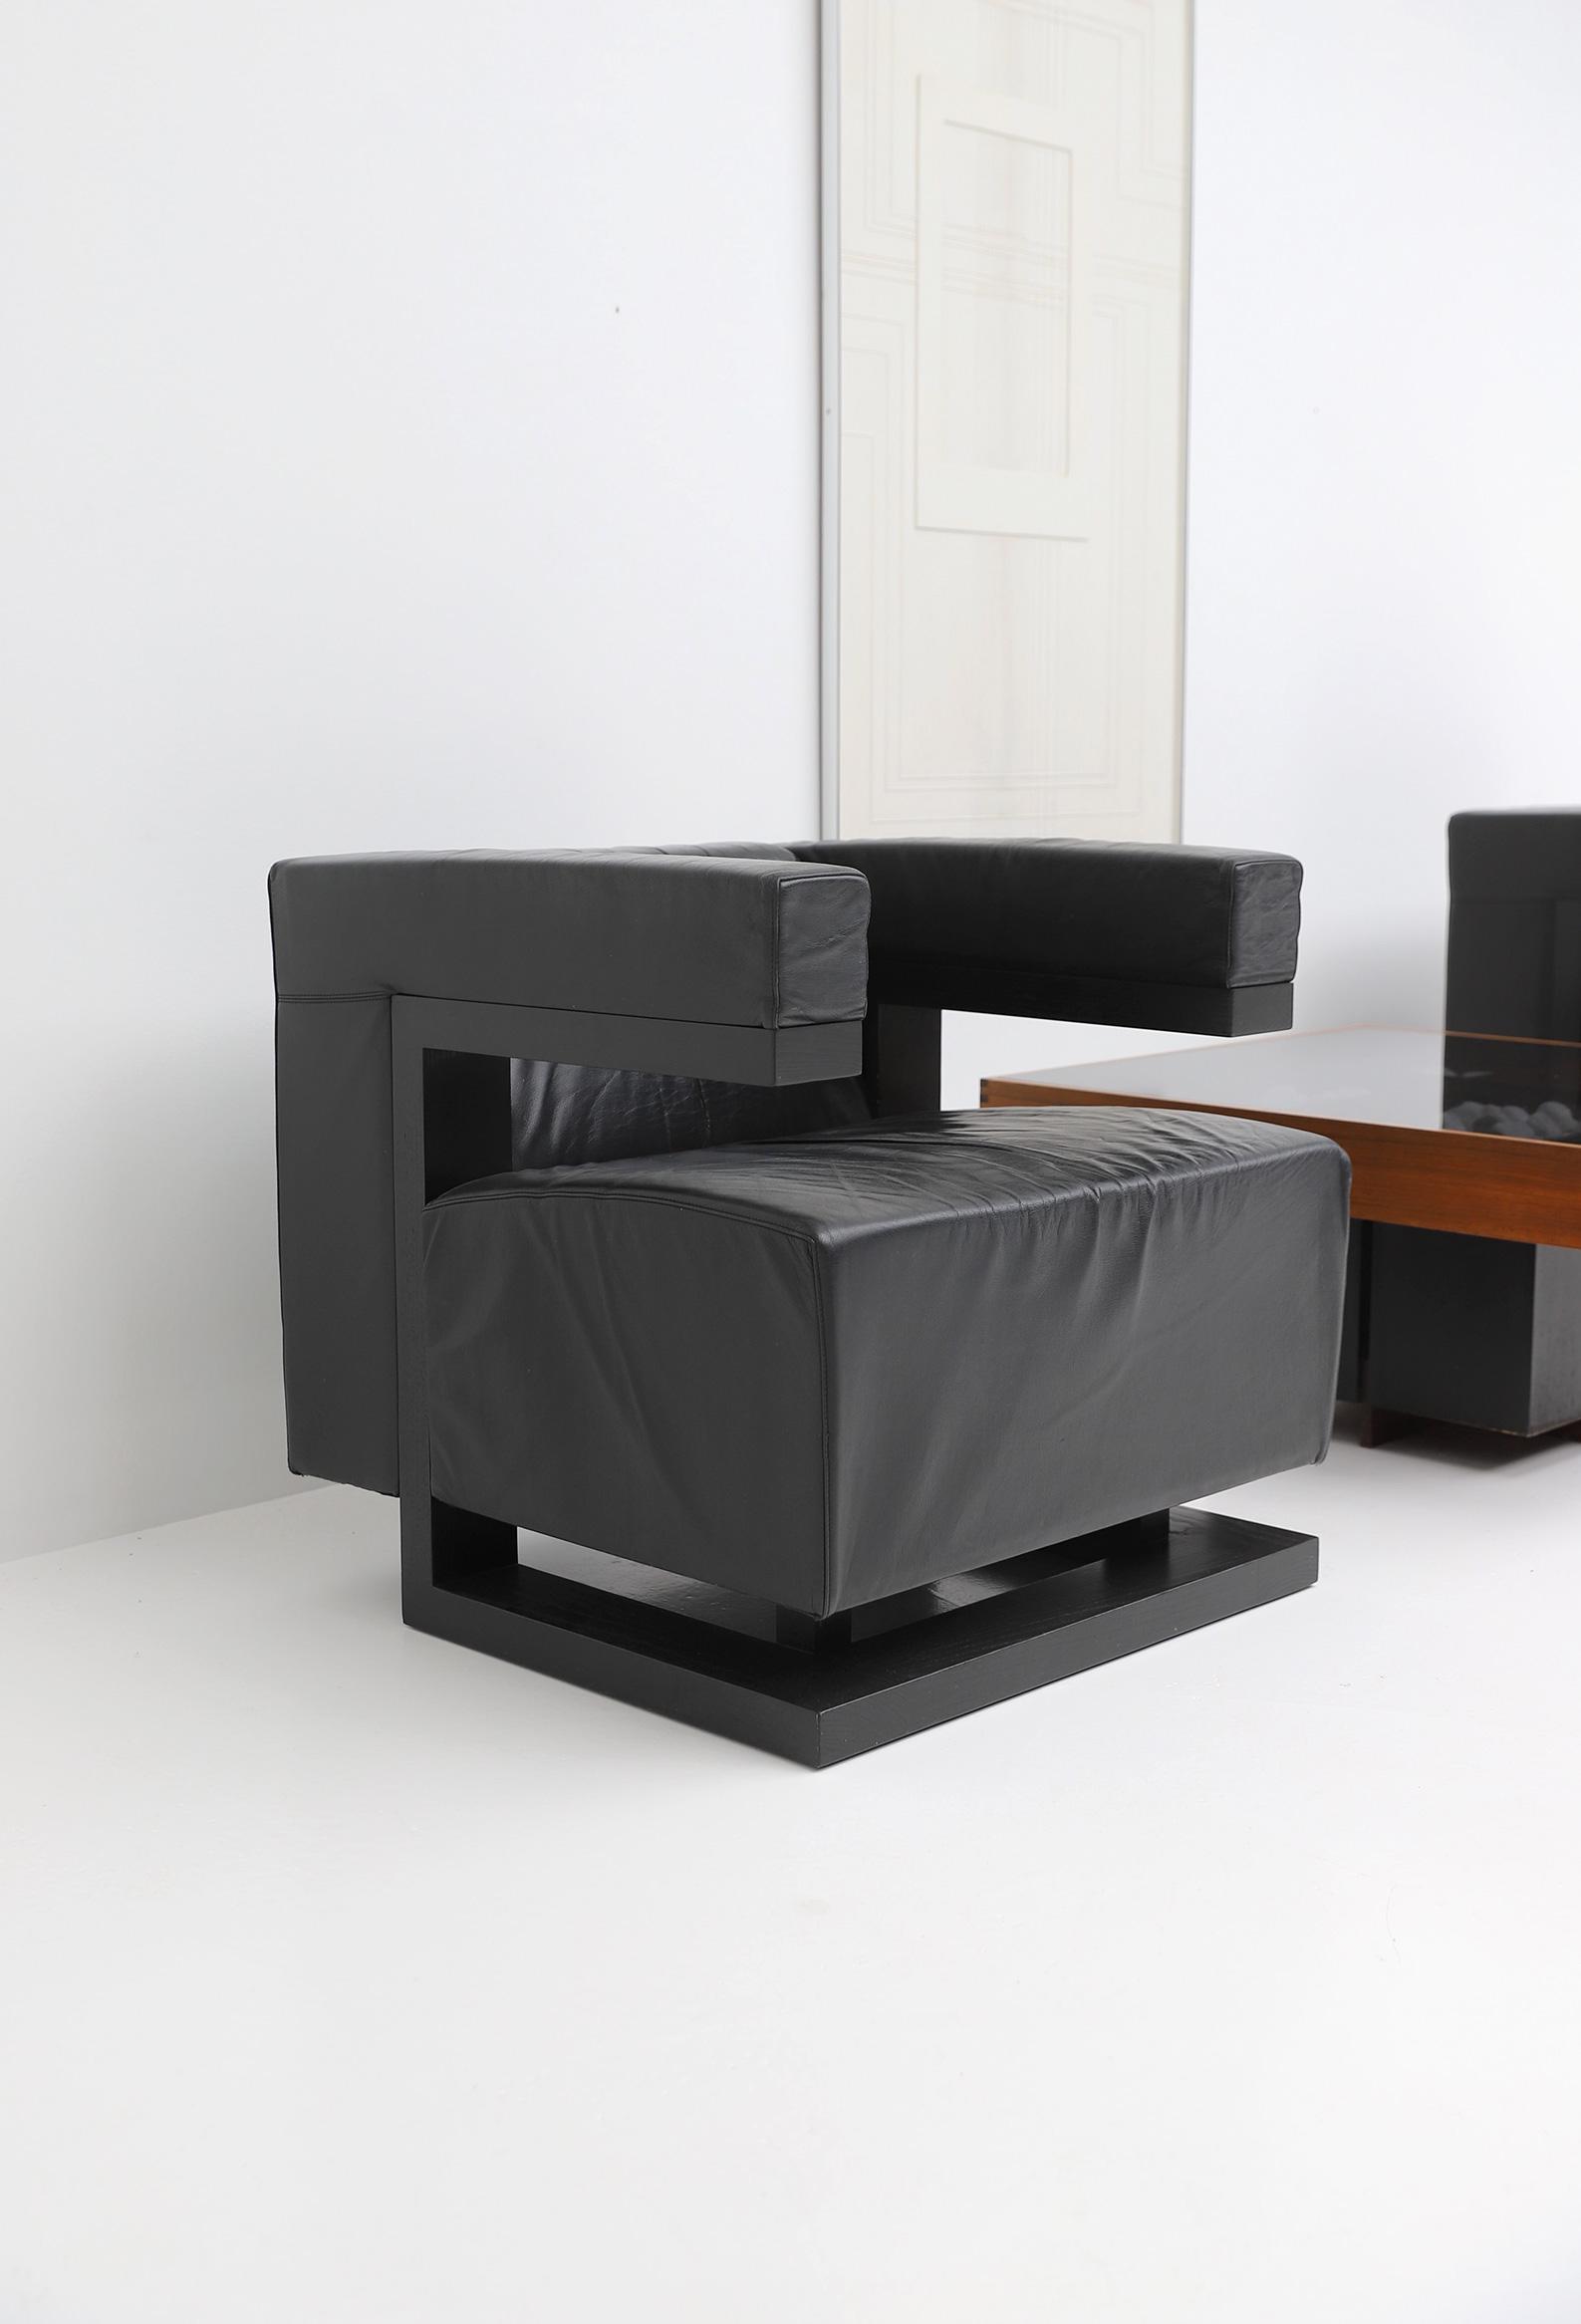 F51 Armchairs Walter Gropius Bauhaus Weimarimage 4